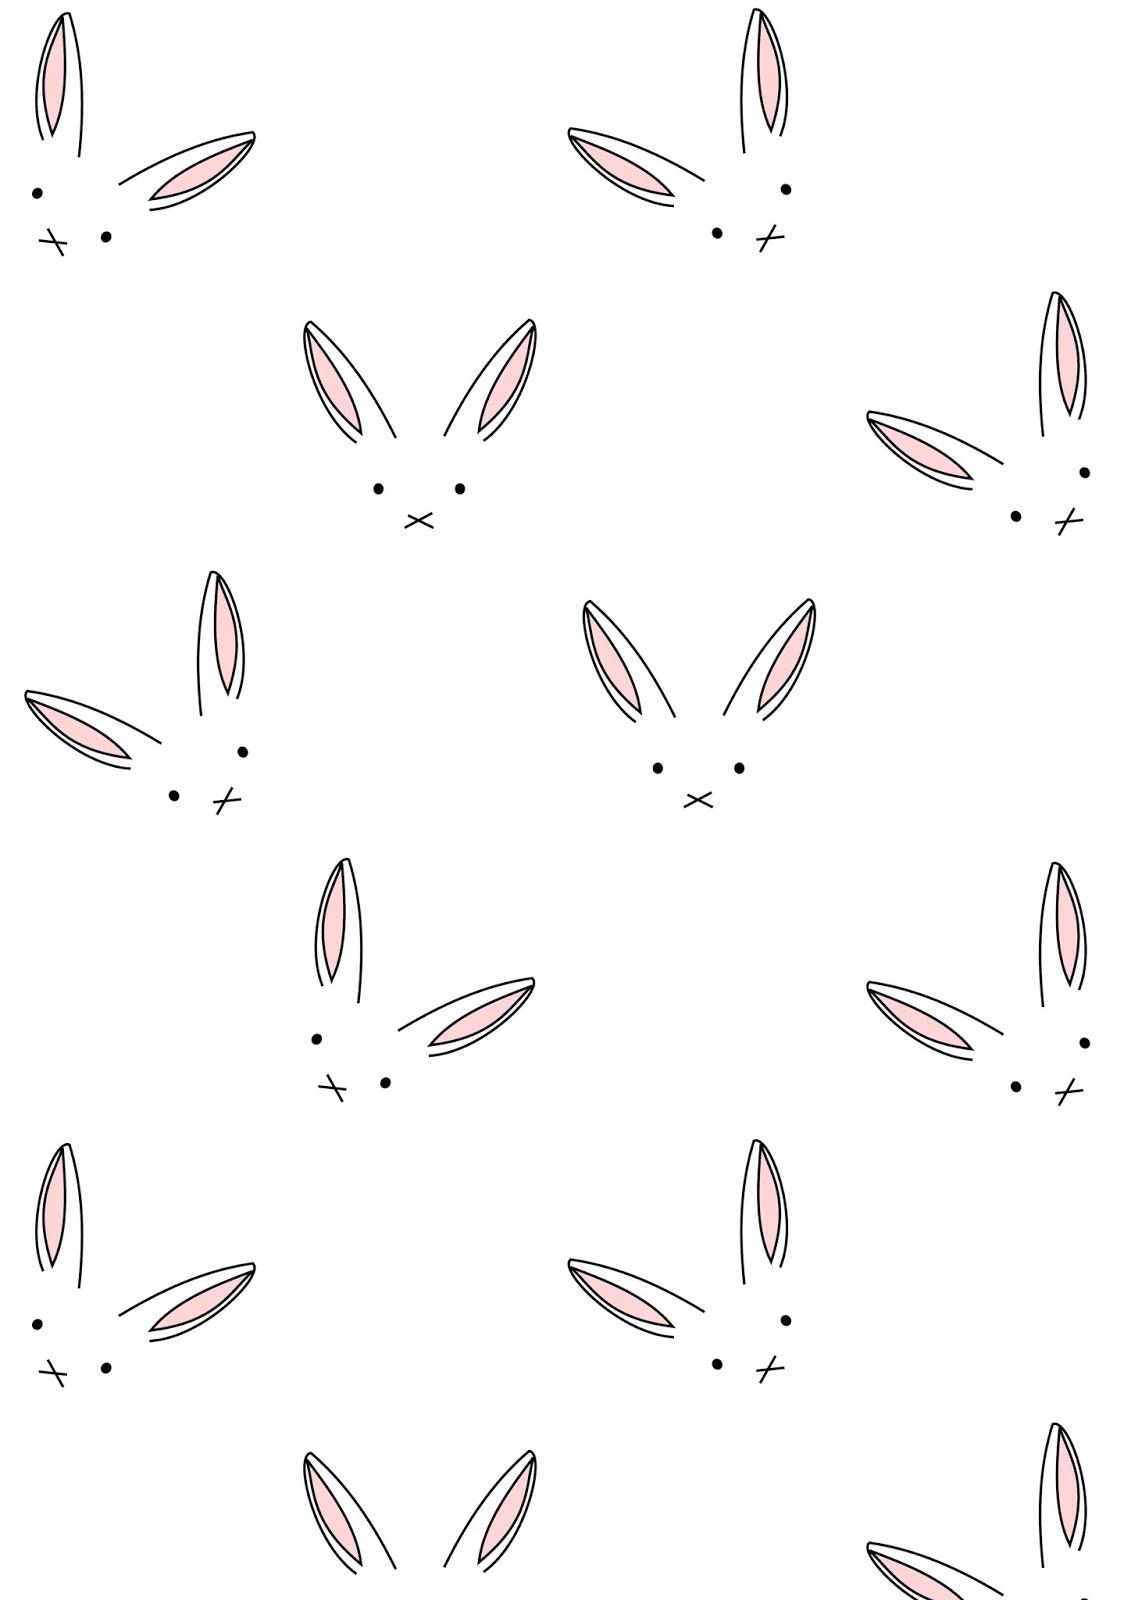 http://4.bp.blogspot.com/-7nslqJELKa8/VSAM-xhjw-I/AAAAAAAAihI/4-UrXiDUkq0/s1600/bunny_line_art_paper_A4.jpg